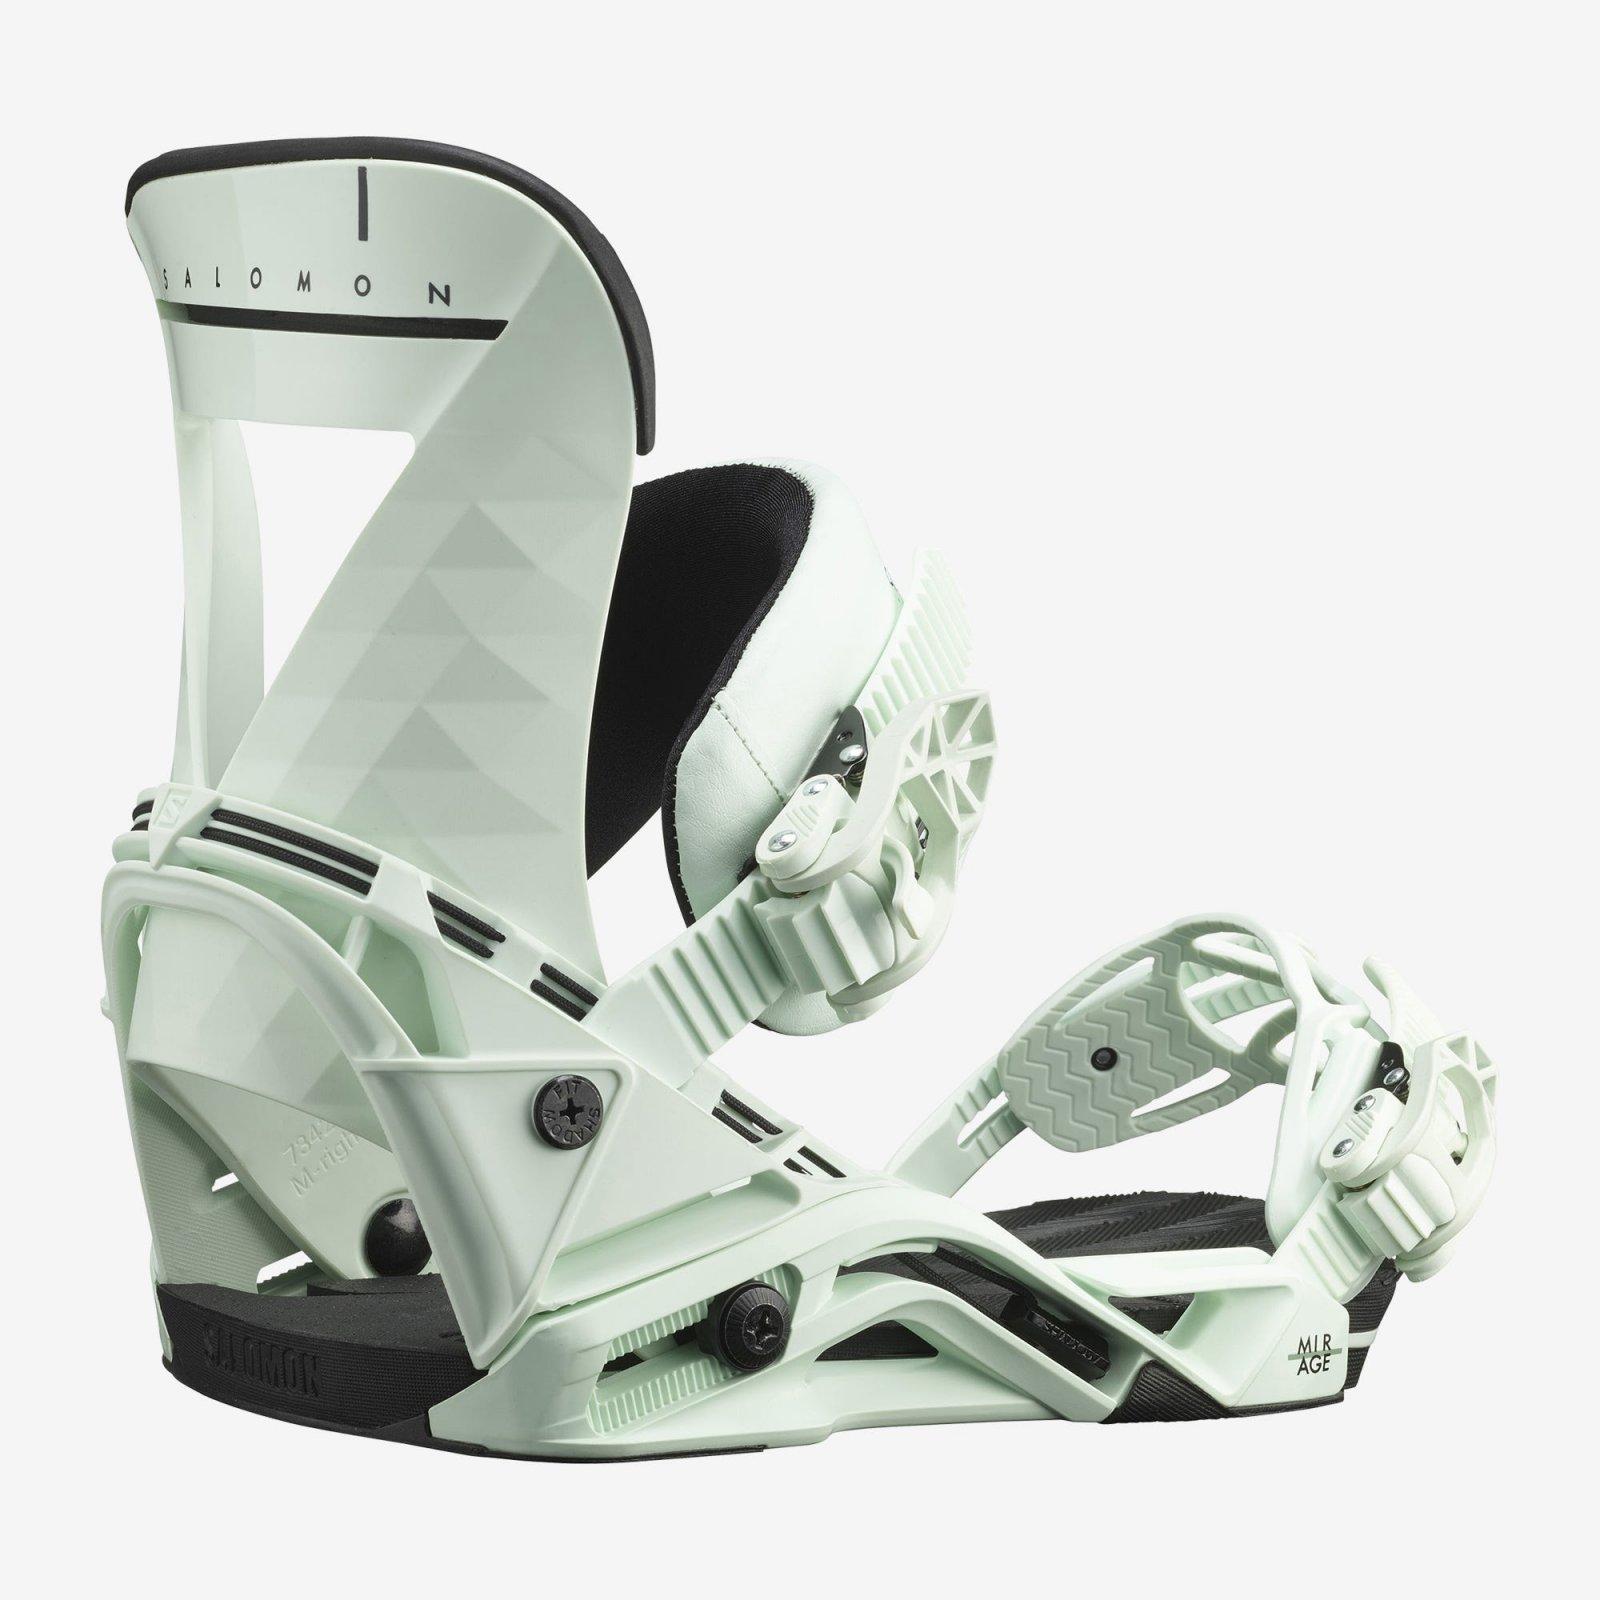 Salomon Mirage Women's Snowboard Bindings - Mint